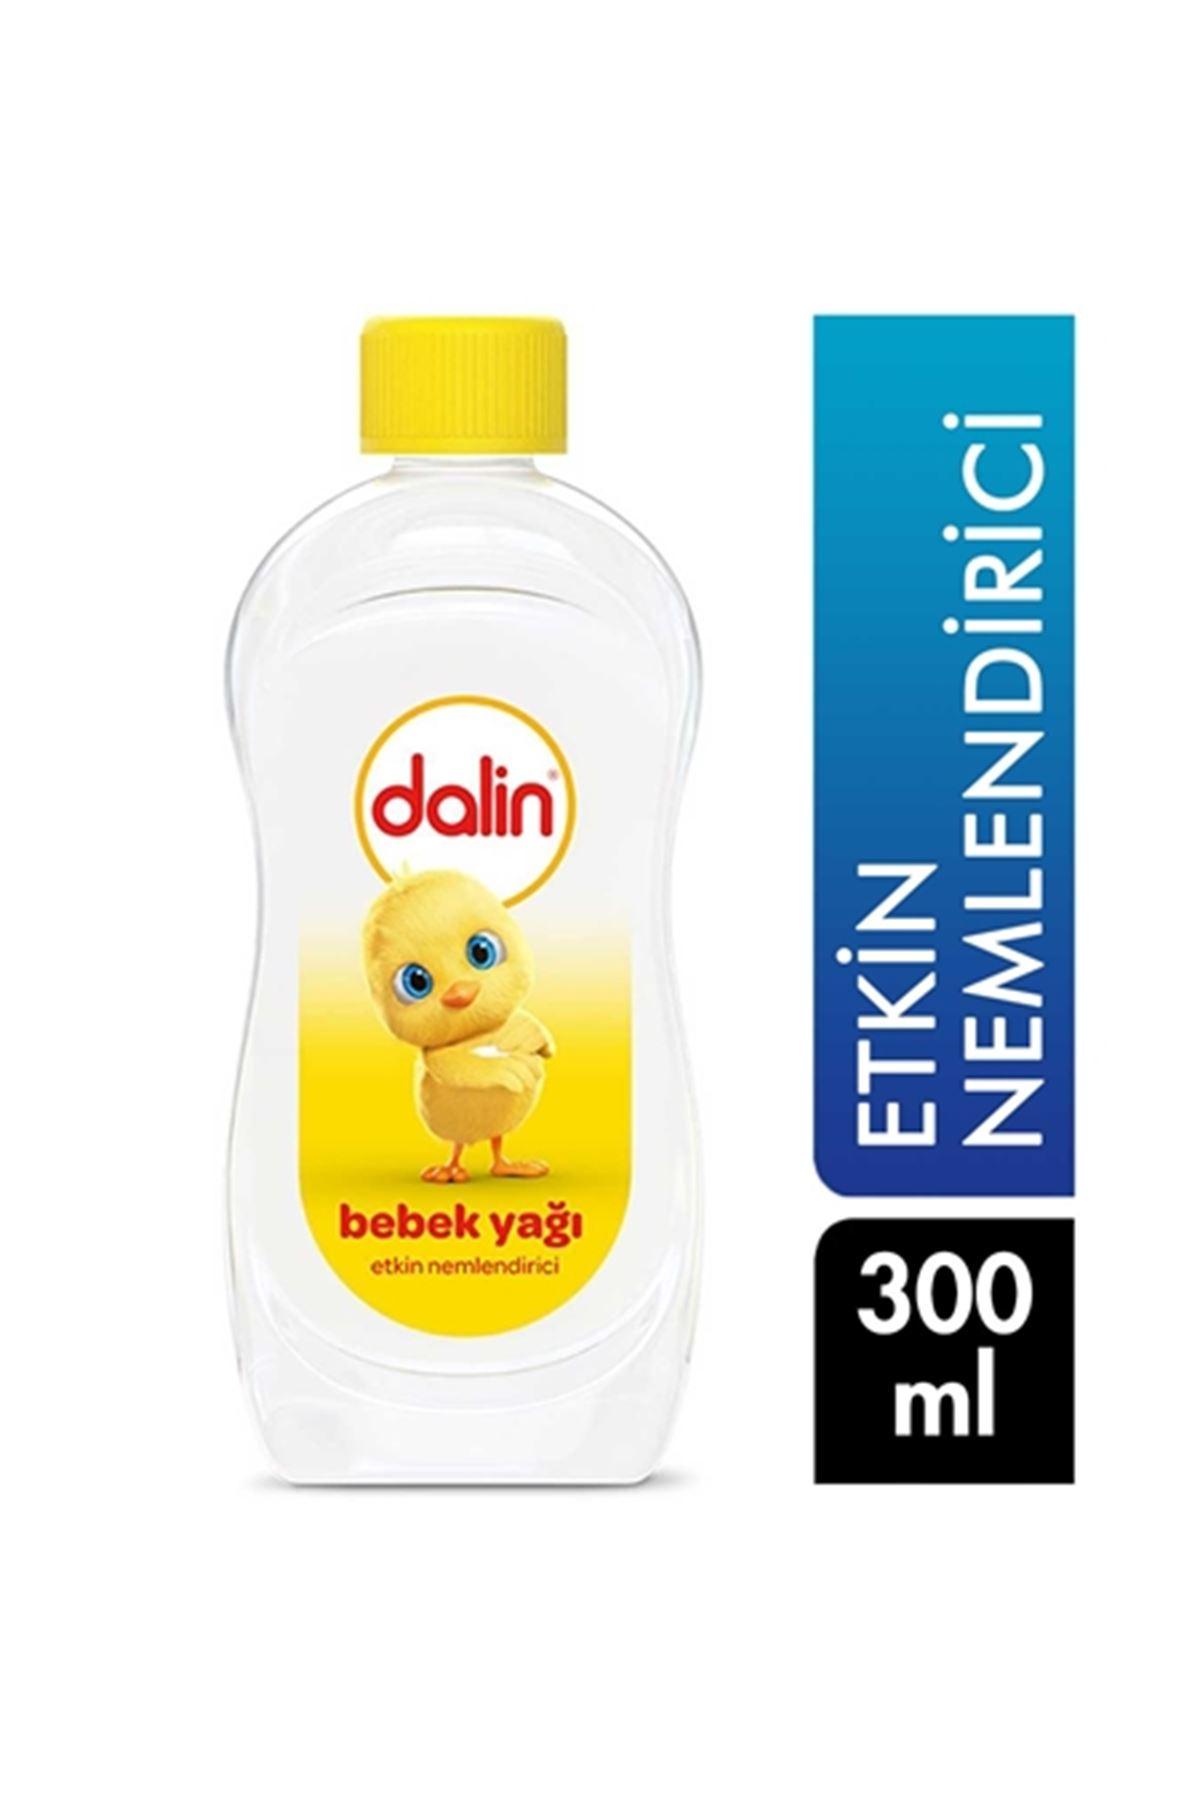 Dalin Bebek Yağı Normal 300 ml